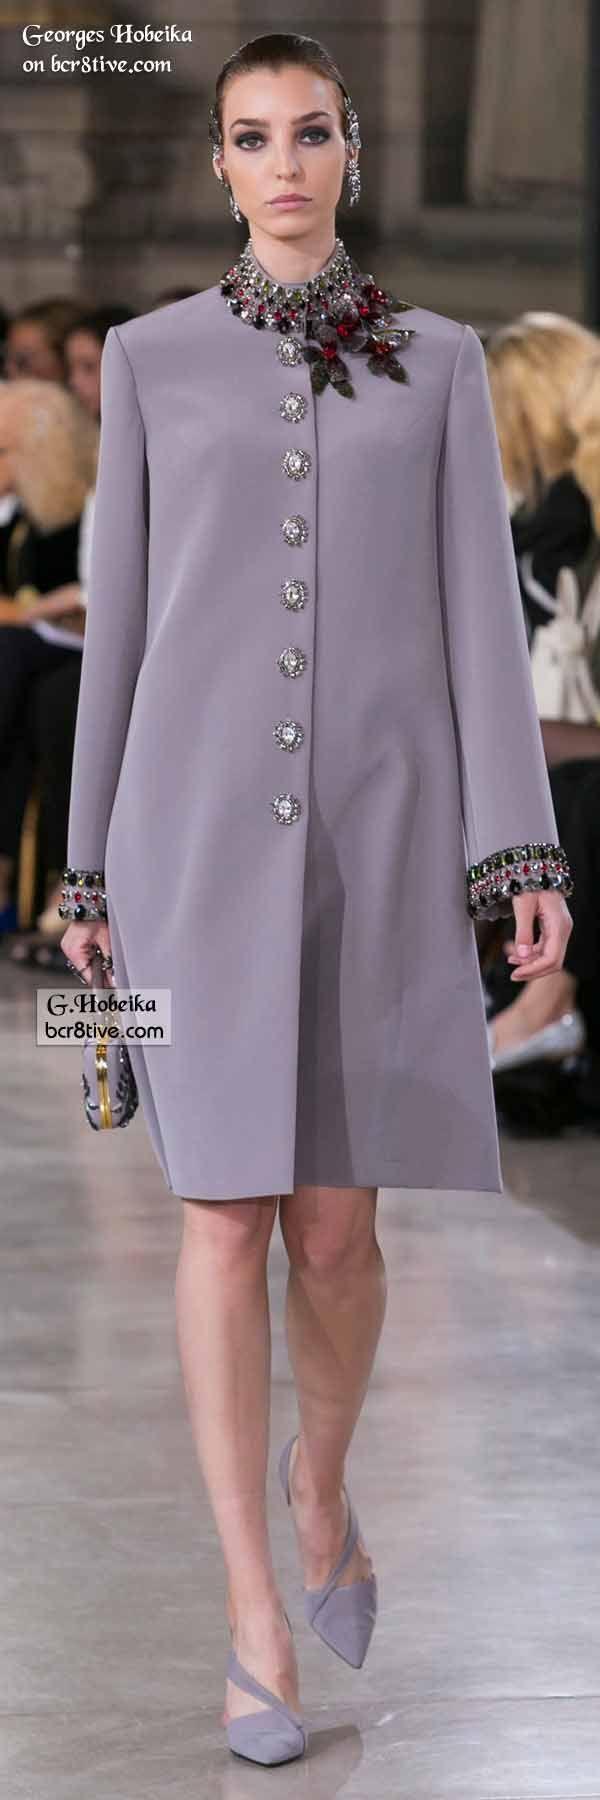 Georges Hobeika Fall 2016 Haute Couture El detalle de los puños es espectacular!